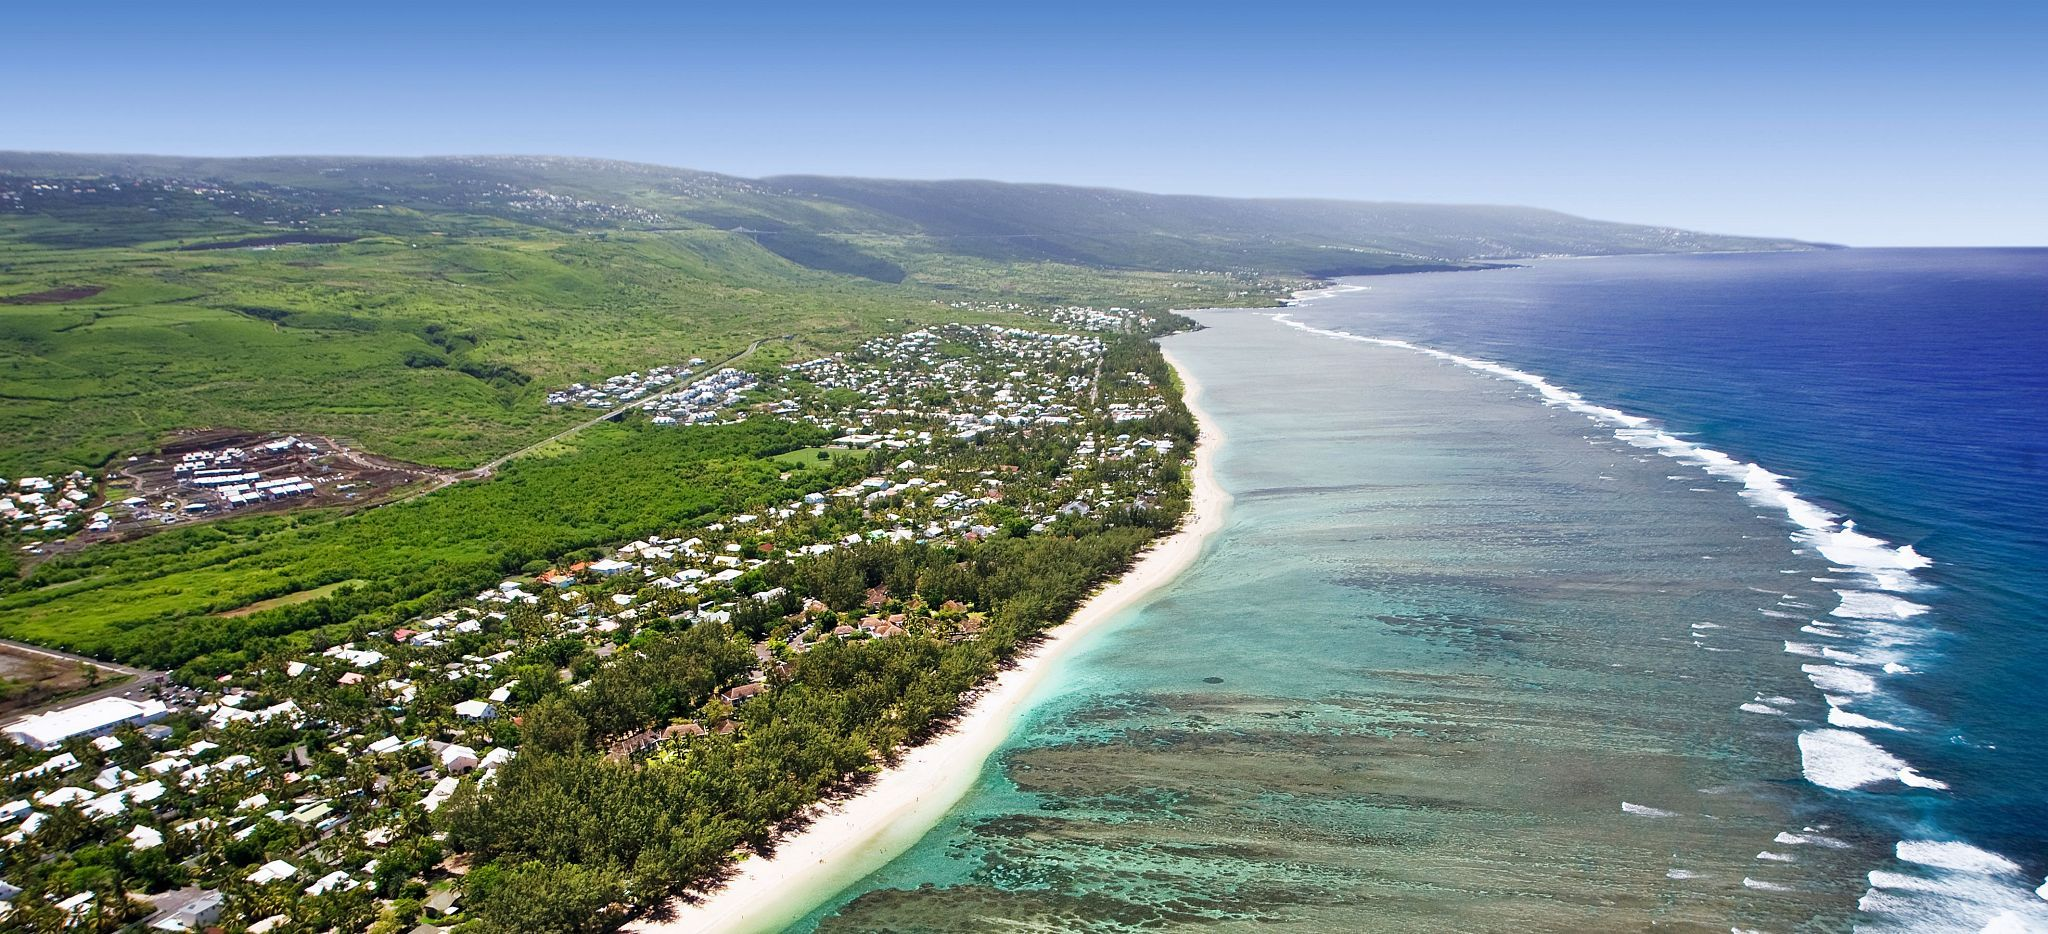 Die Küste von La Réunion, mit dem Hotel LUX* Saint Gilles abgebildet